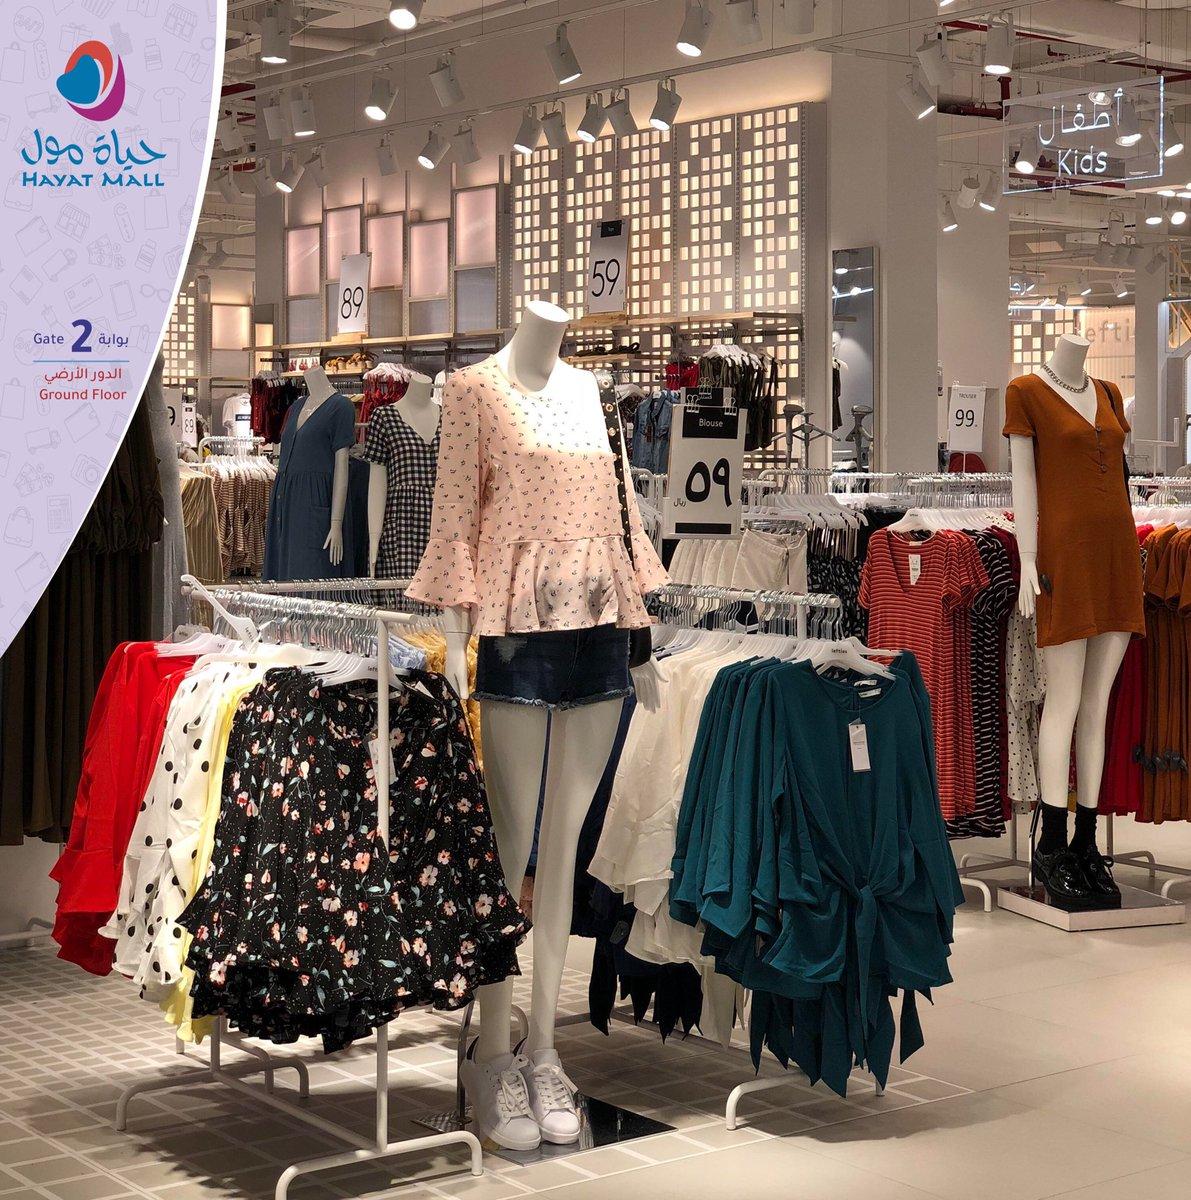 انتفاخ طغت بشكل مسرف محلات الملابس في حياة مول Kulturazitiste Org